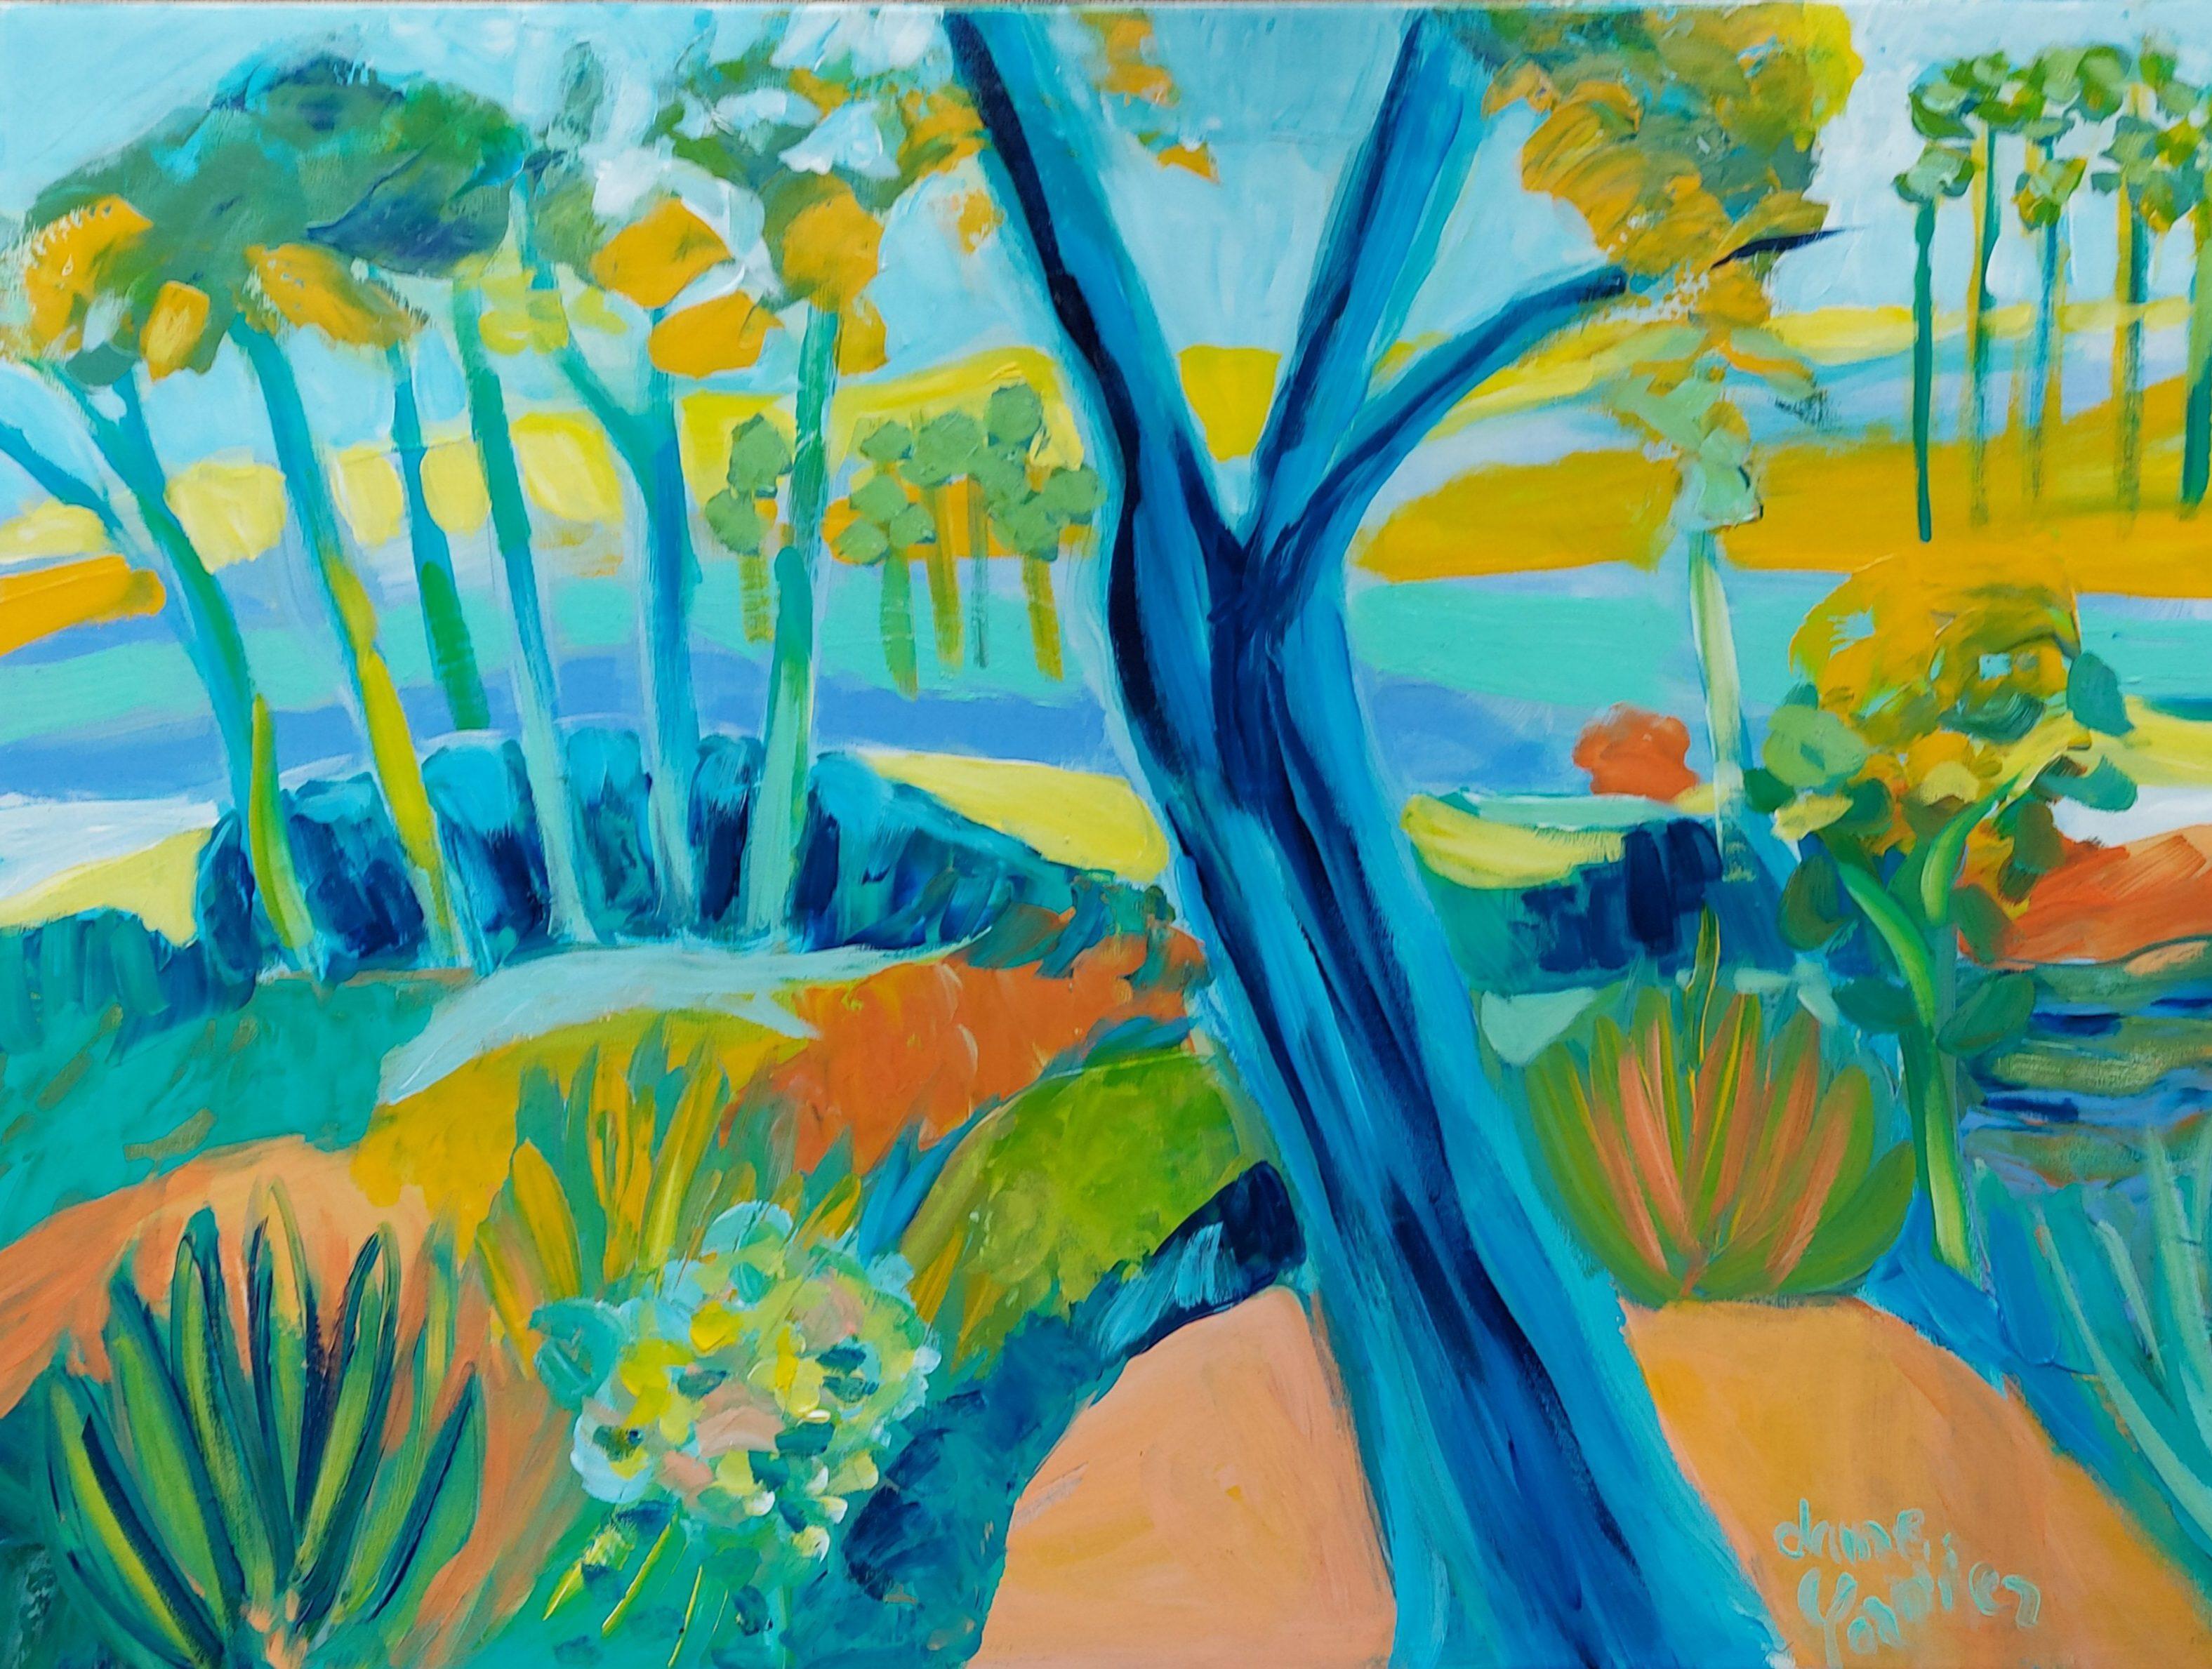 Le chêne bleu